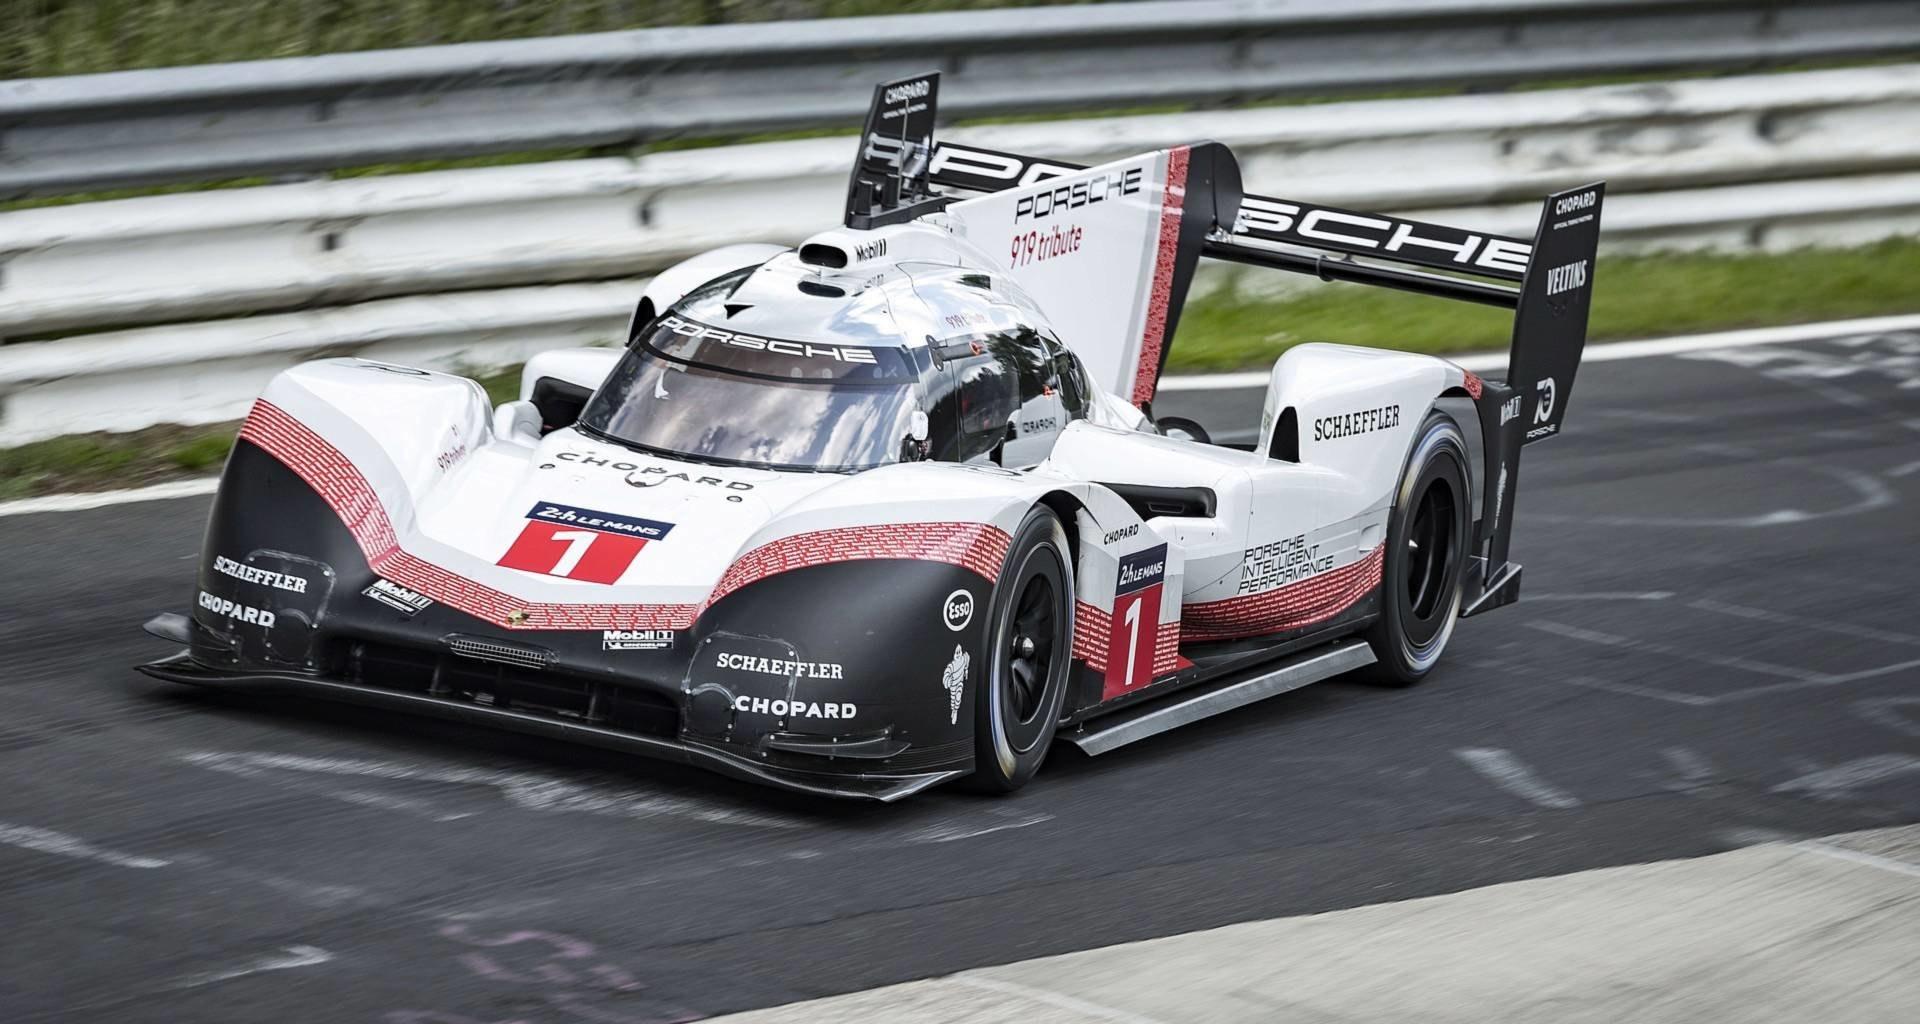 Porsche установила новый абсолютный рекорд Нюрбургринга